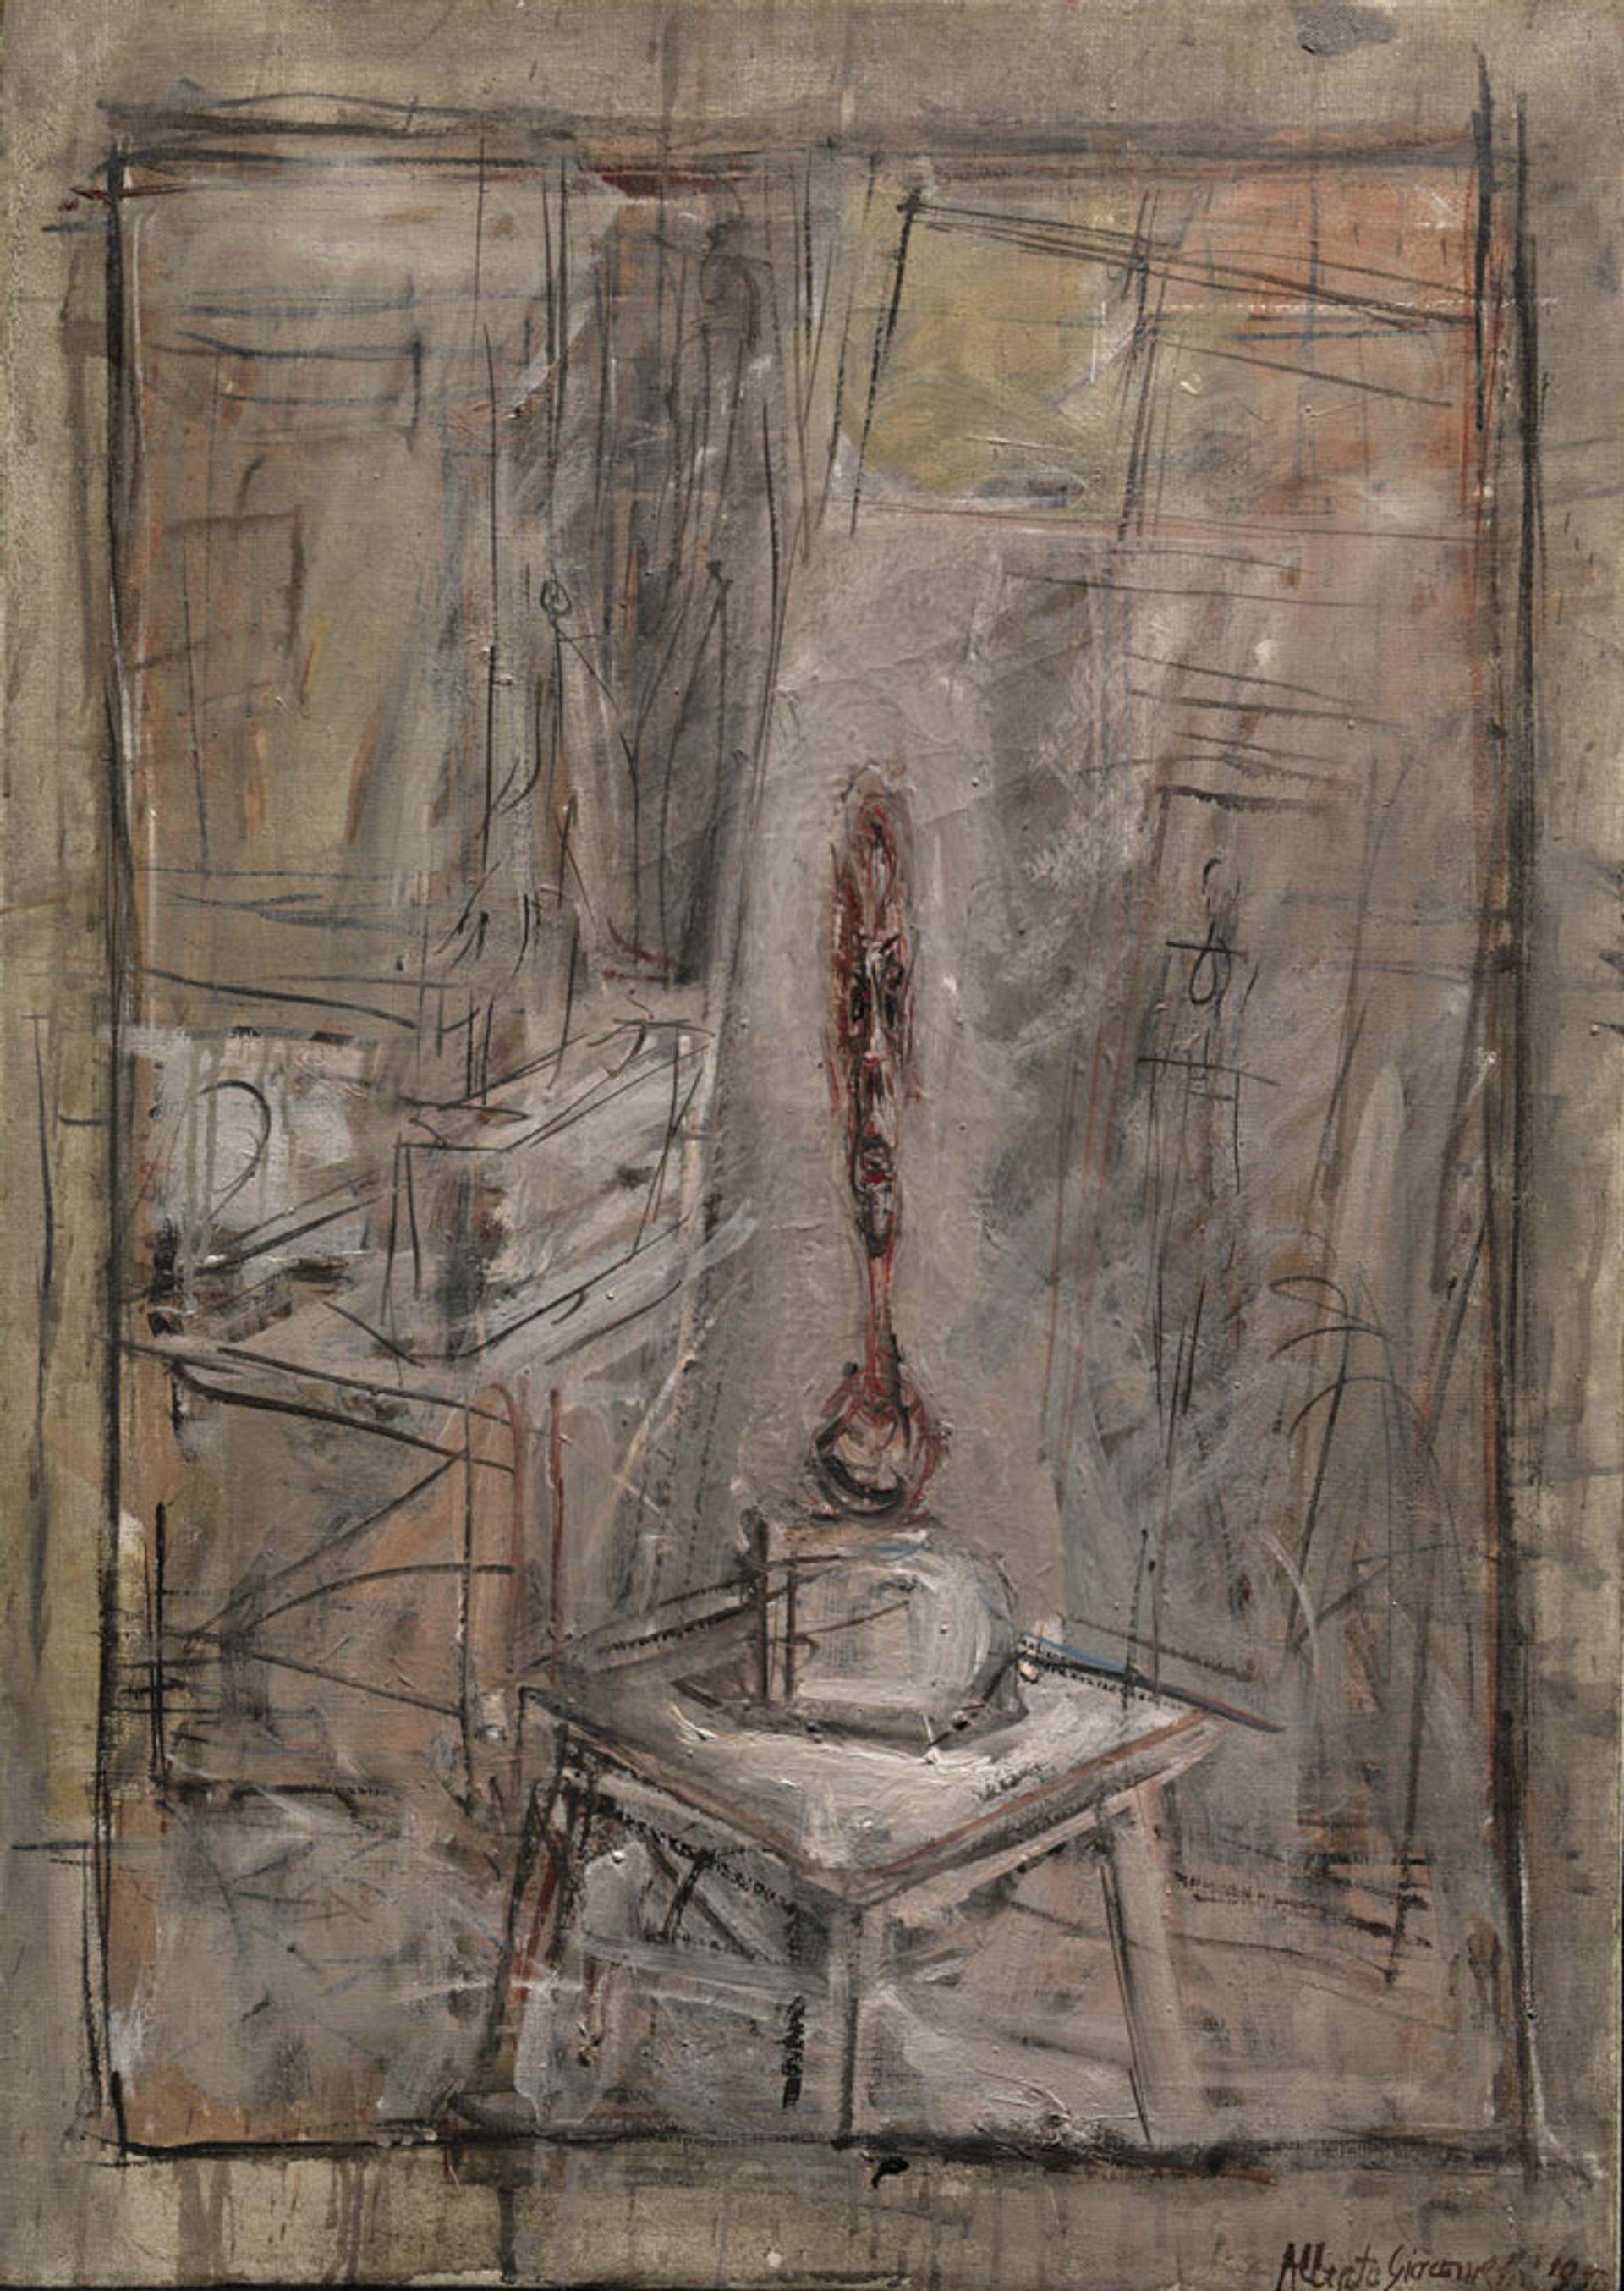 Alberto Giacometti, Atelier I (1950) courtesy of Thomas Gibson Fine Art Ltd